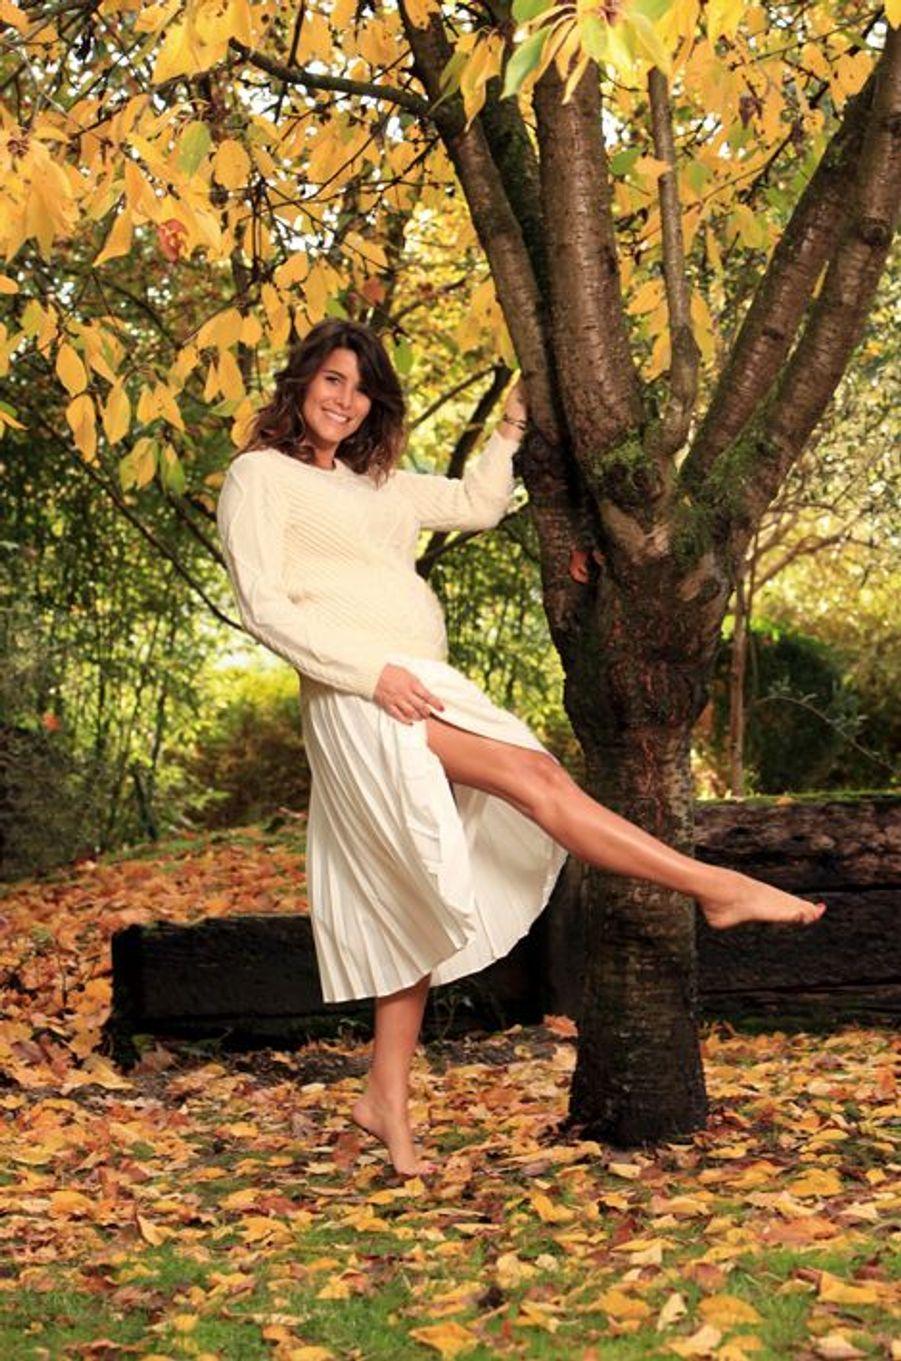 A chacun son terrain de jeu. Celui de Karine a la beauté d'un parc en automne.